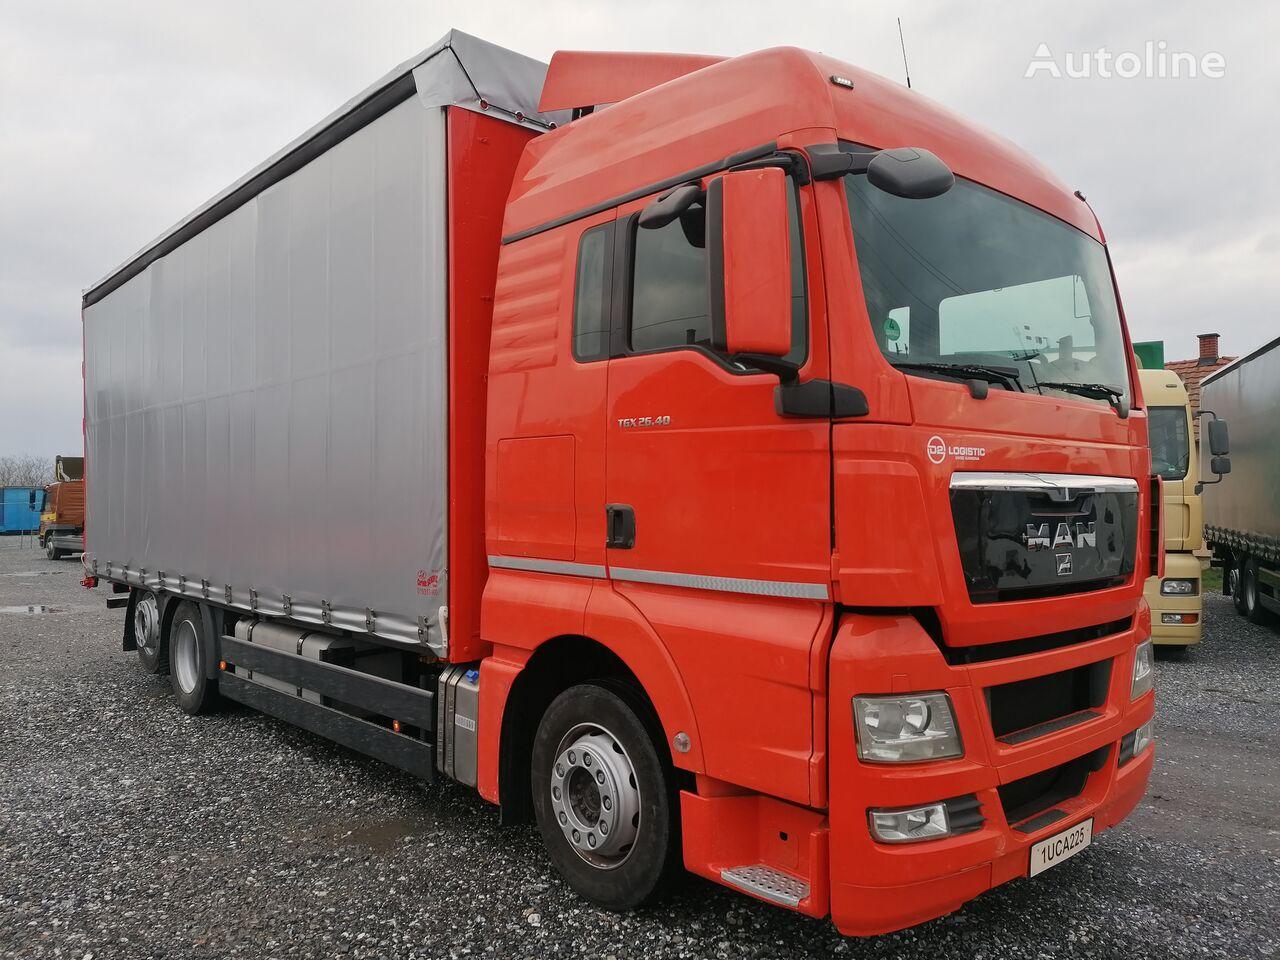 MAN TGX 26.400 EURO 5 camión toldo